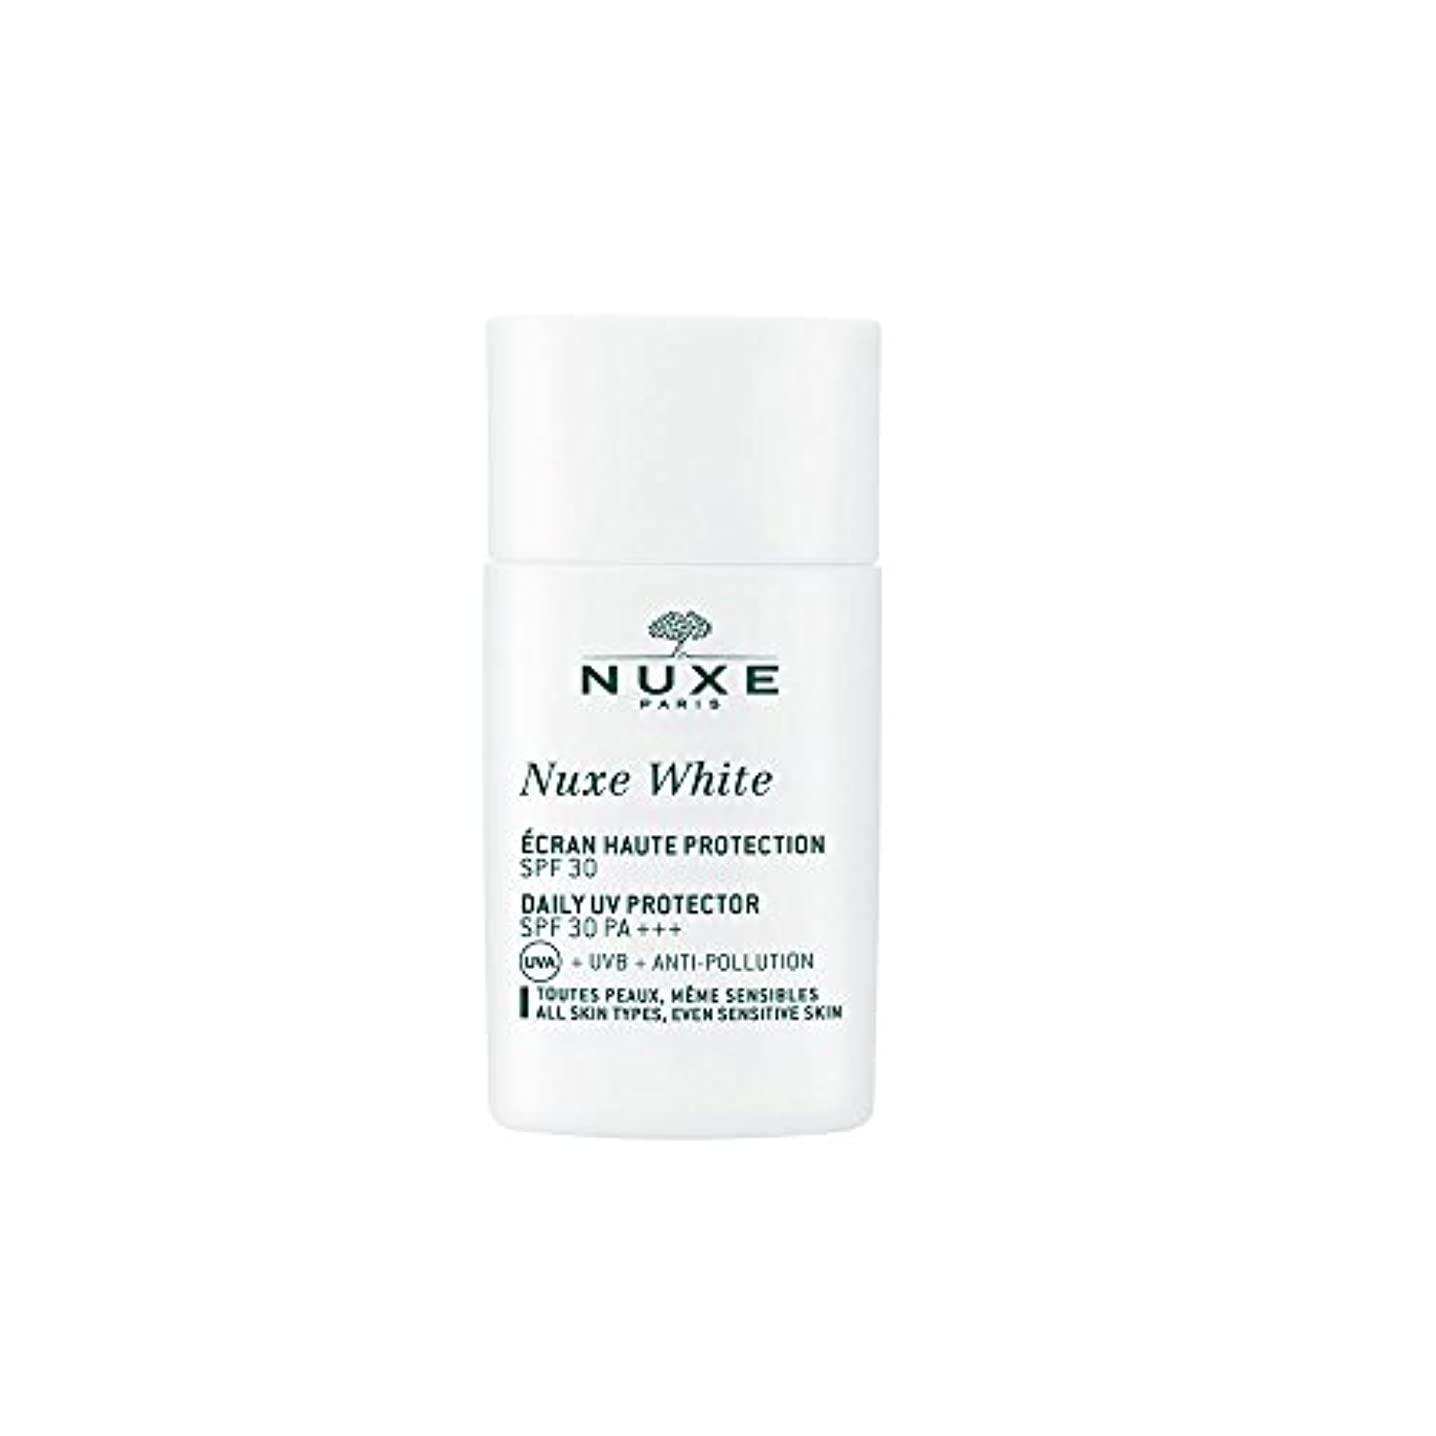 普及写真を描く反対するニュクス(NUXE) ニュクスホワイト UV プロテクター 30 30mL